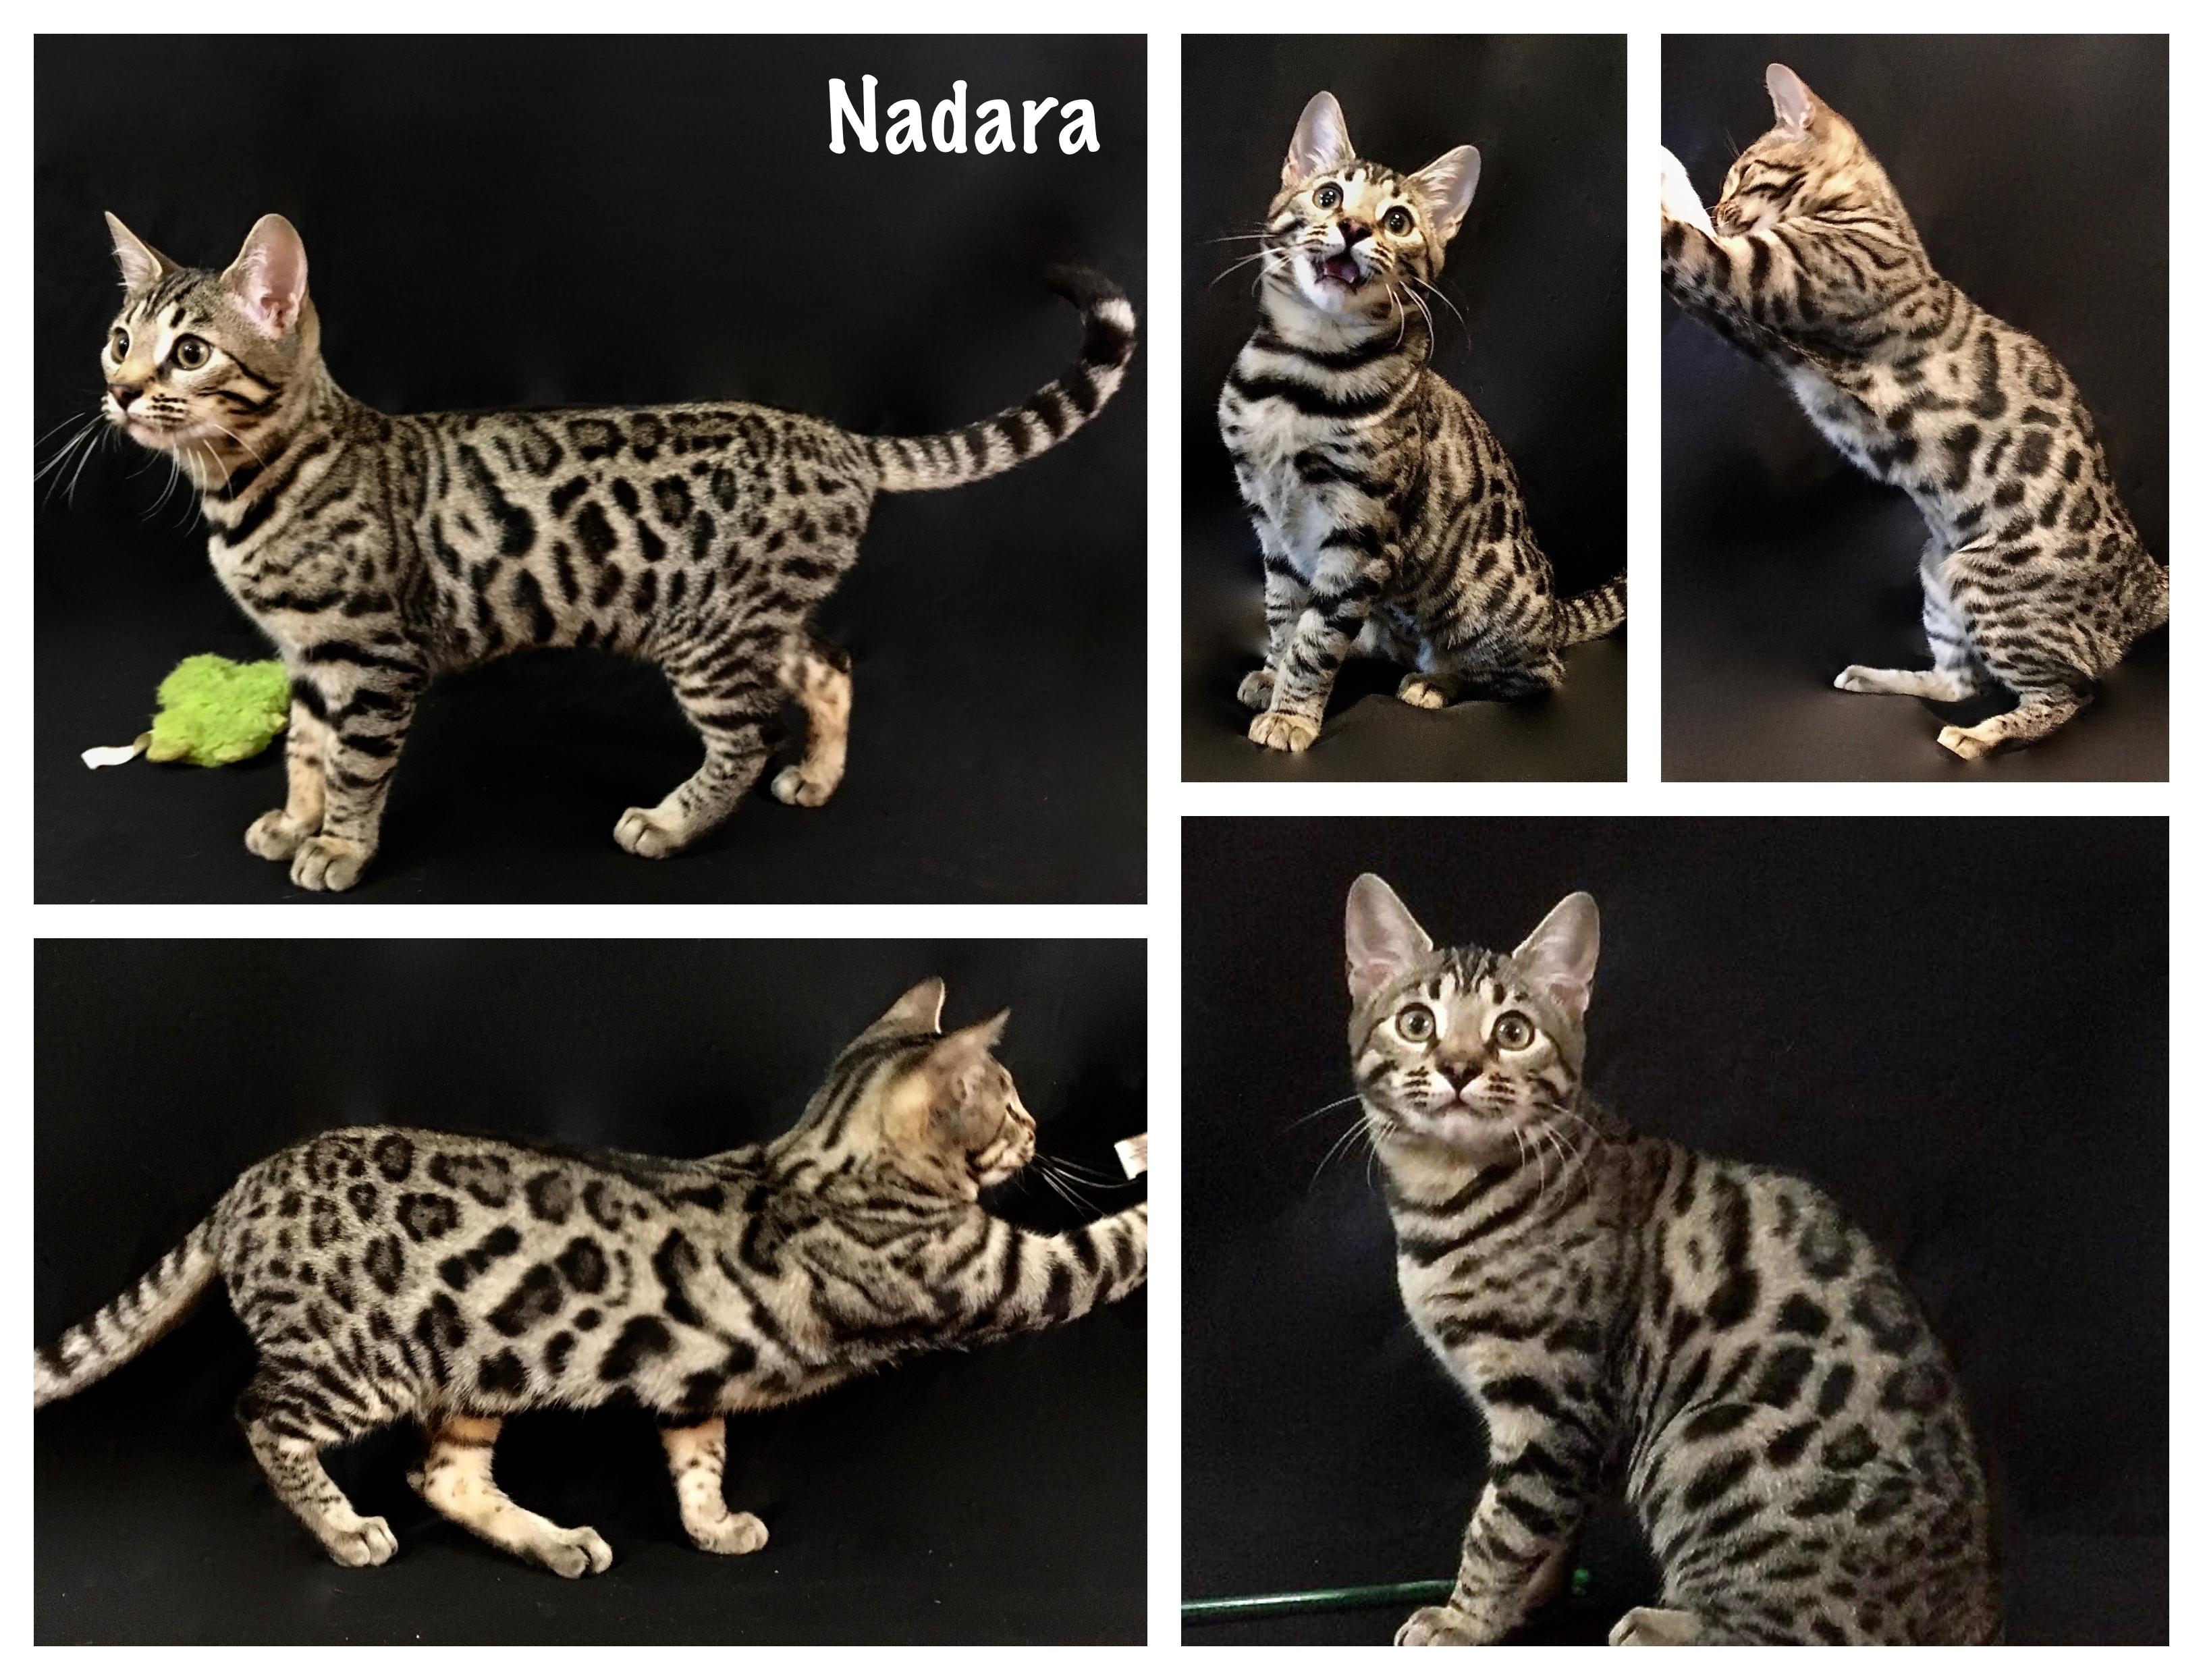 Nadara 16 weeks